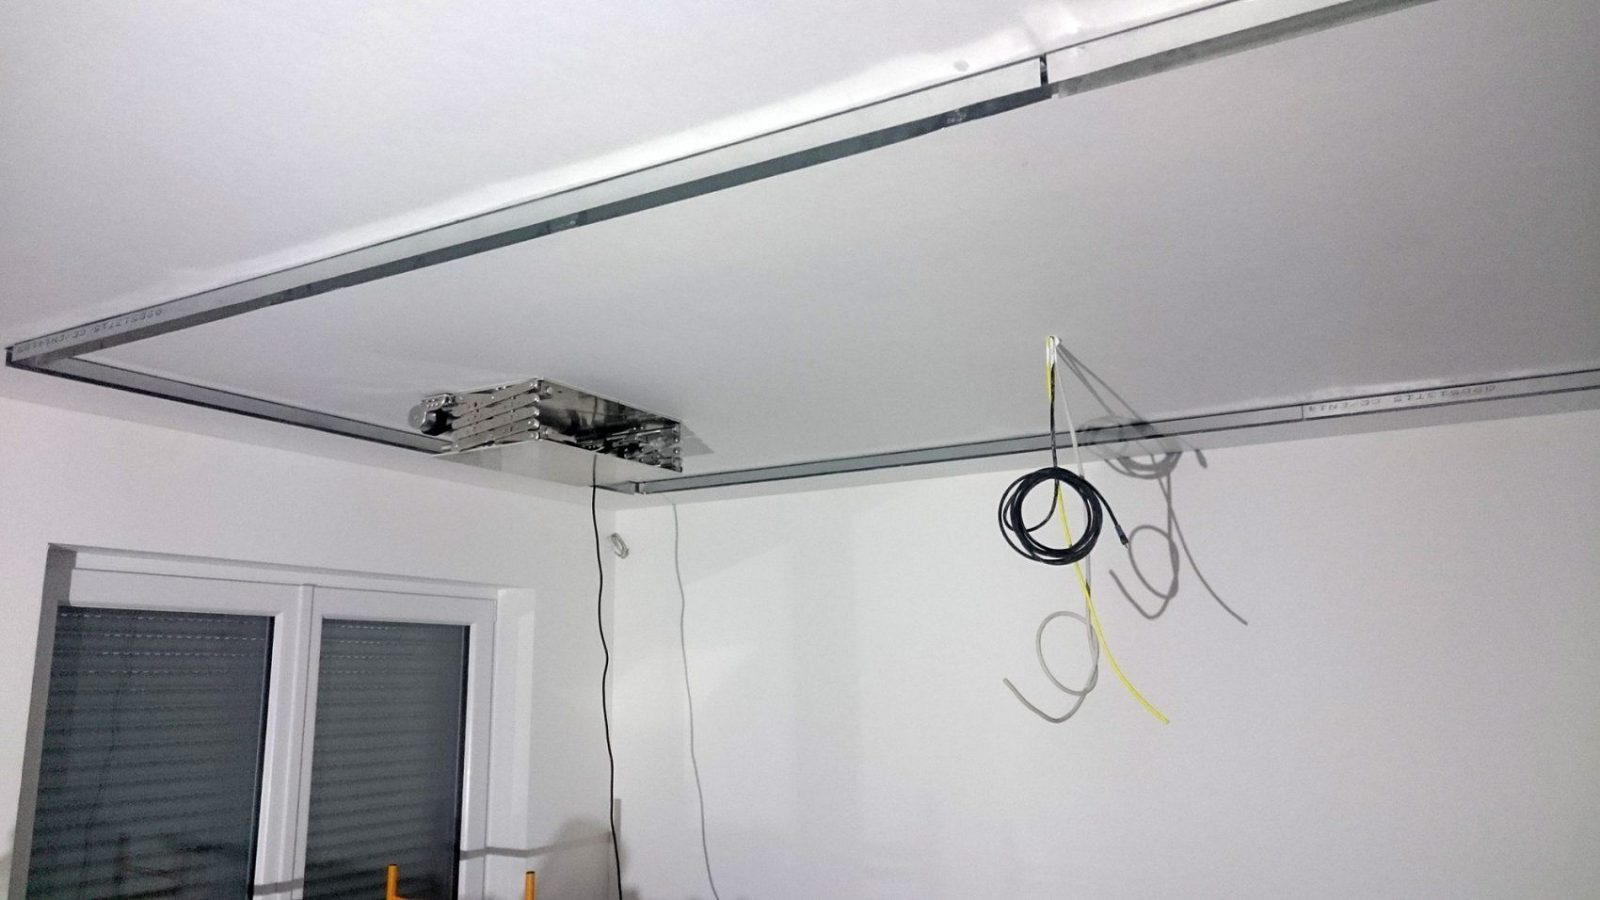 Indirekte Beleuchtung Wohnzimmer Decke von Bild Mit Beleuchtung Selber Machen Bild